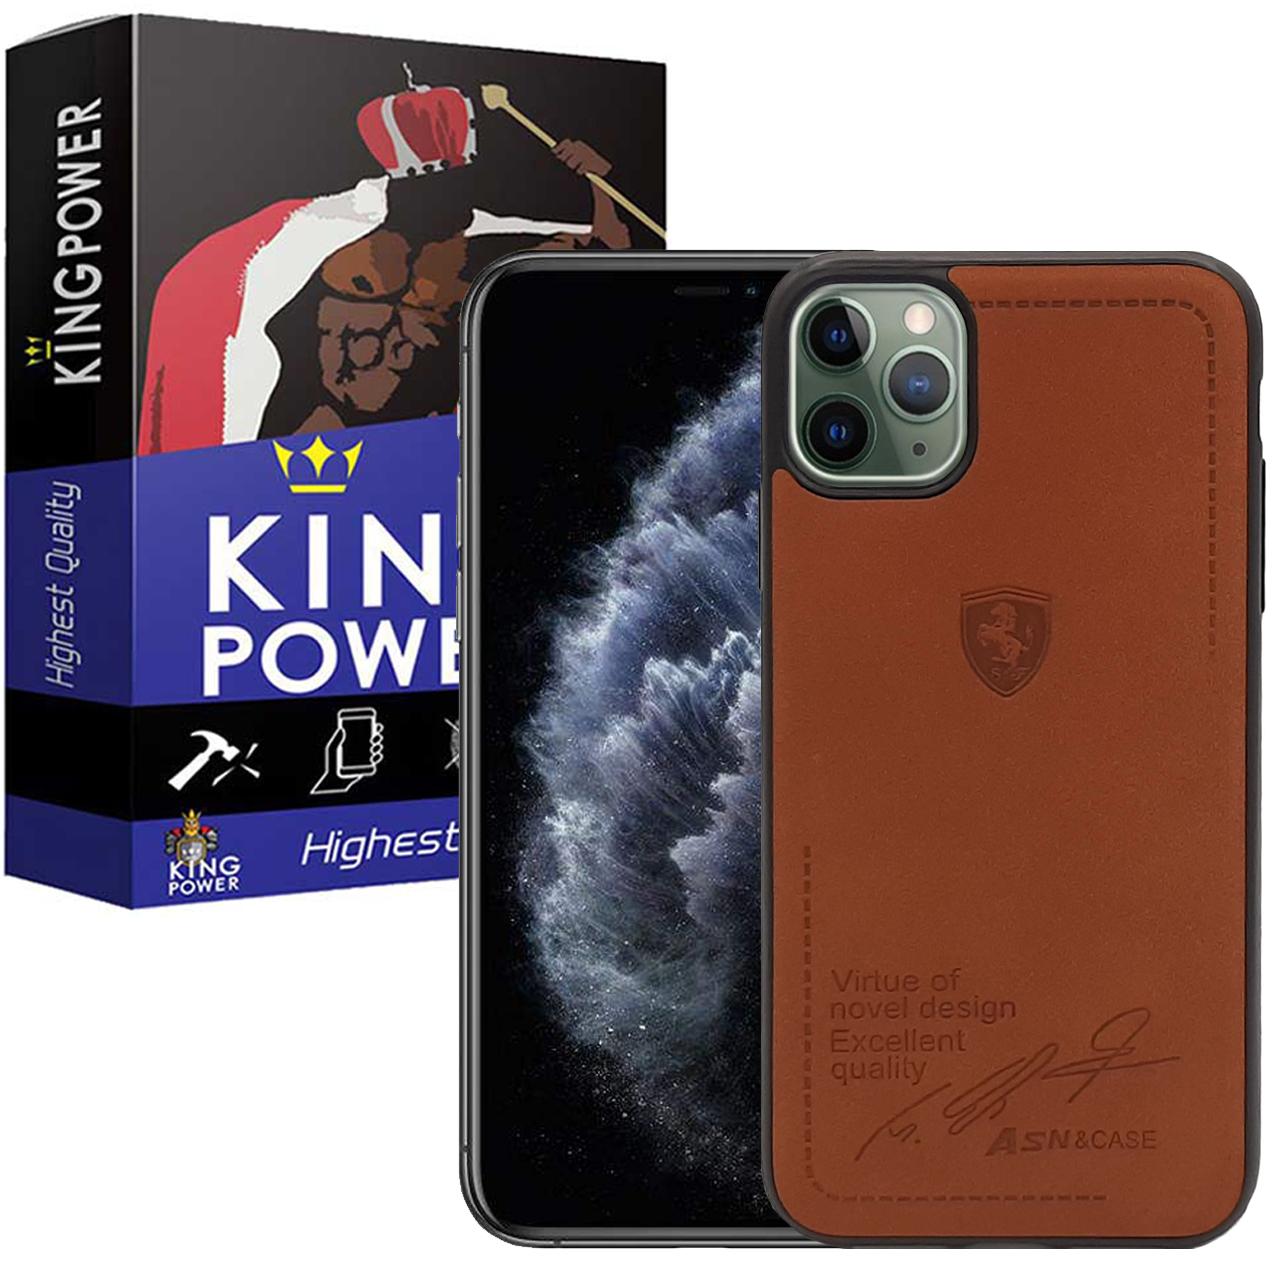 کاور کینگ پاور مدل X21 مناسب برای گوشی موبایل اپل IPhone 11 Pro Max